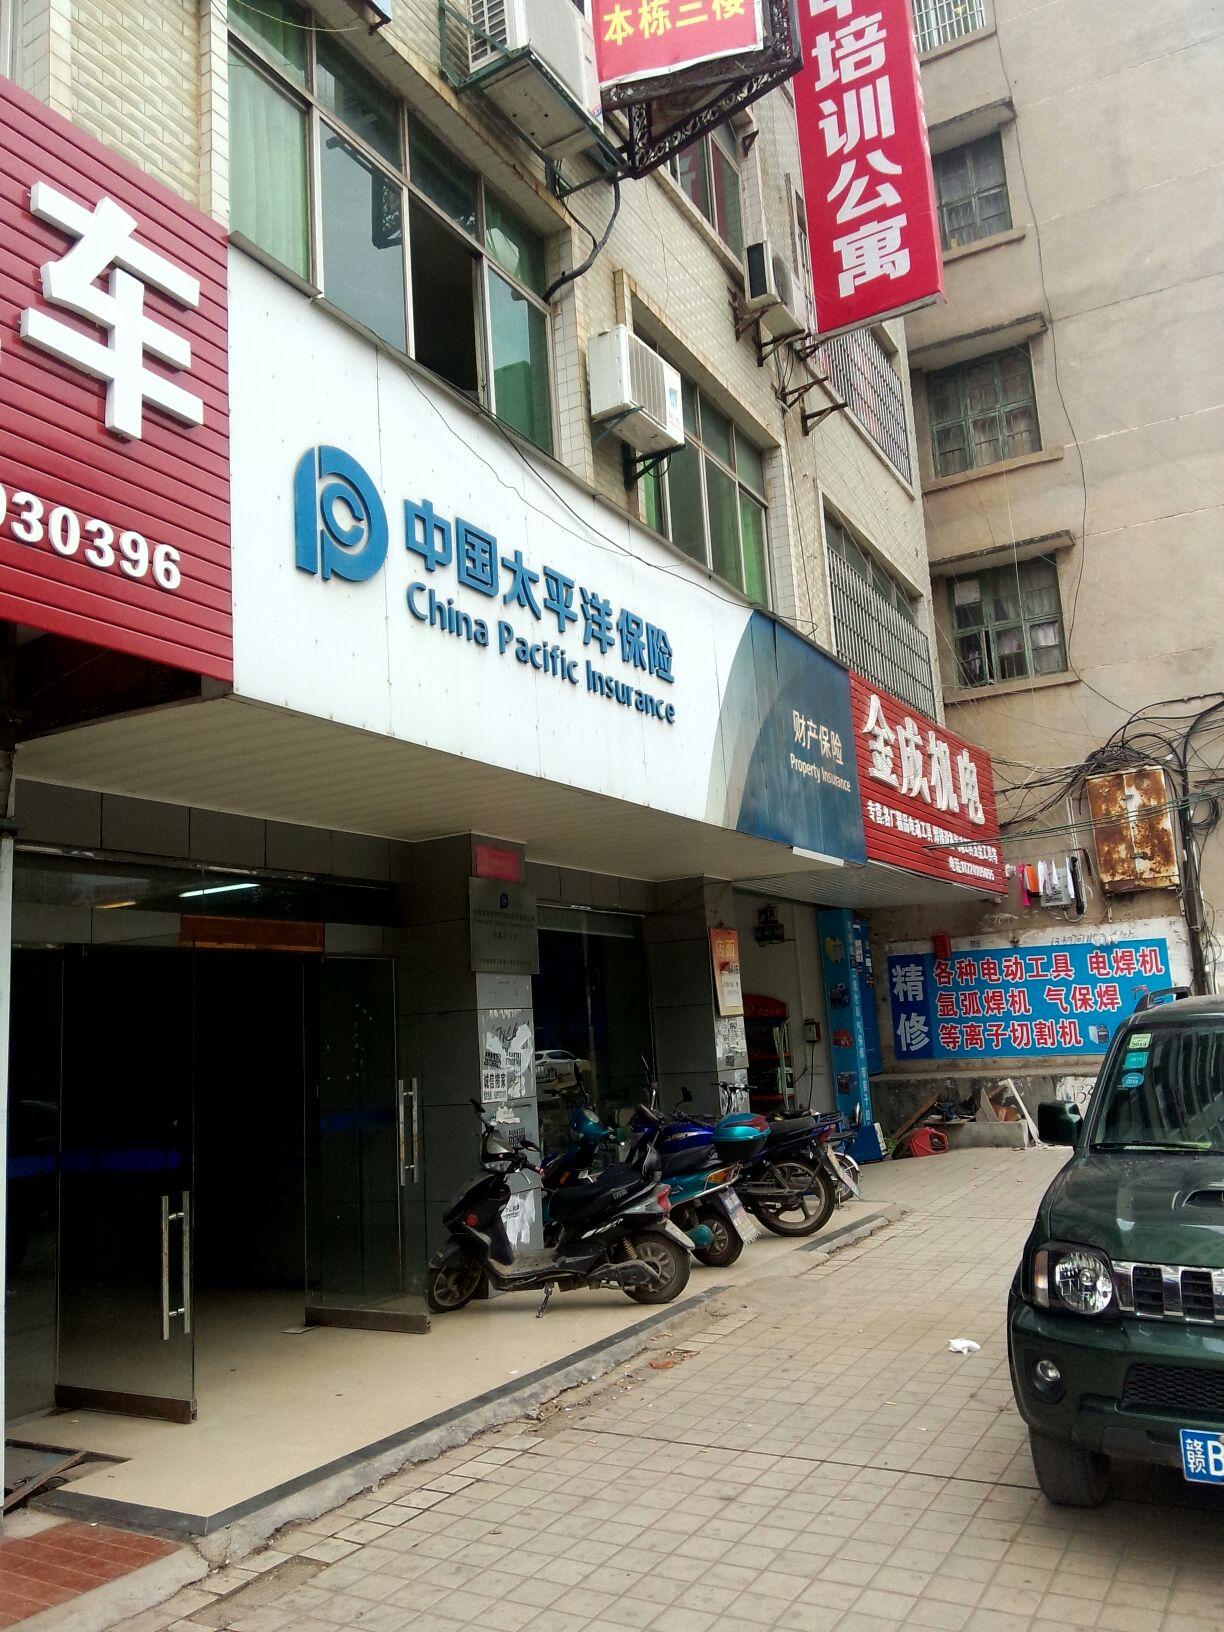 中国太平洋保险(南康支公司)